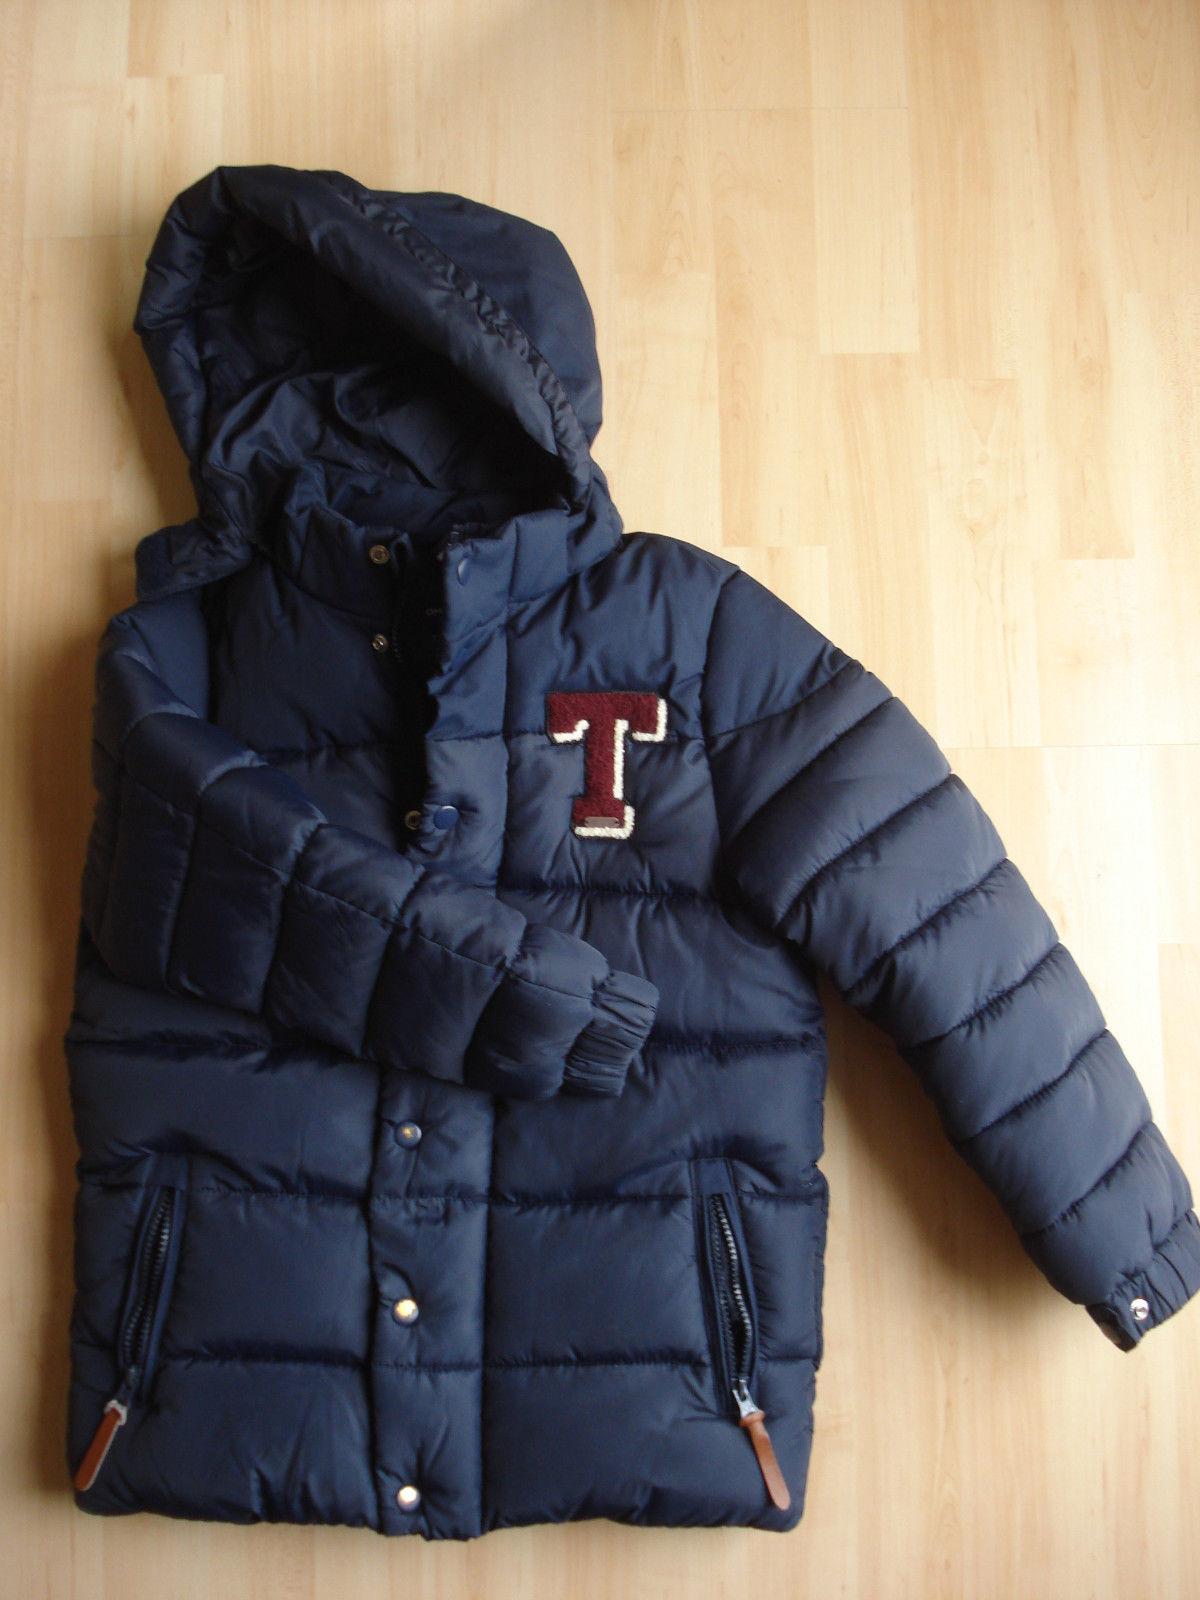 Blaue Winterjacke Jungen Gr. 140 von Tom Tailor